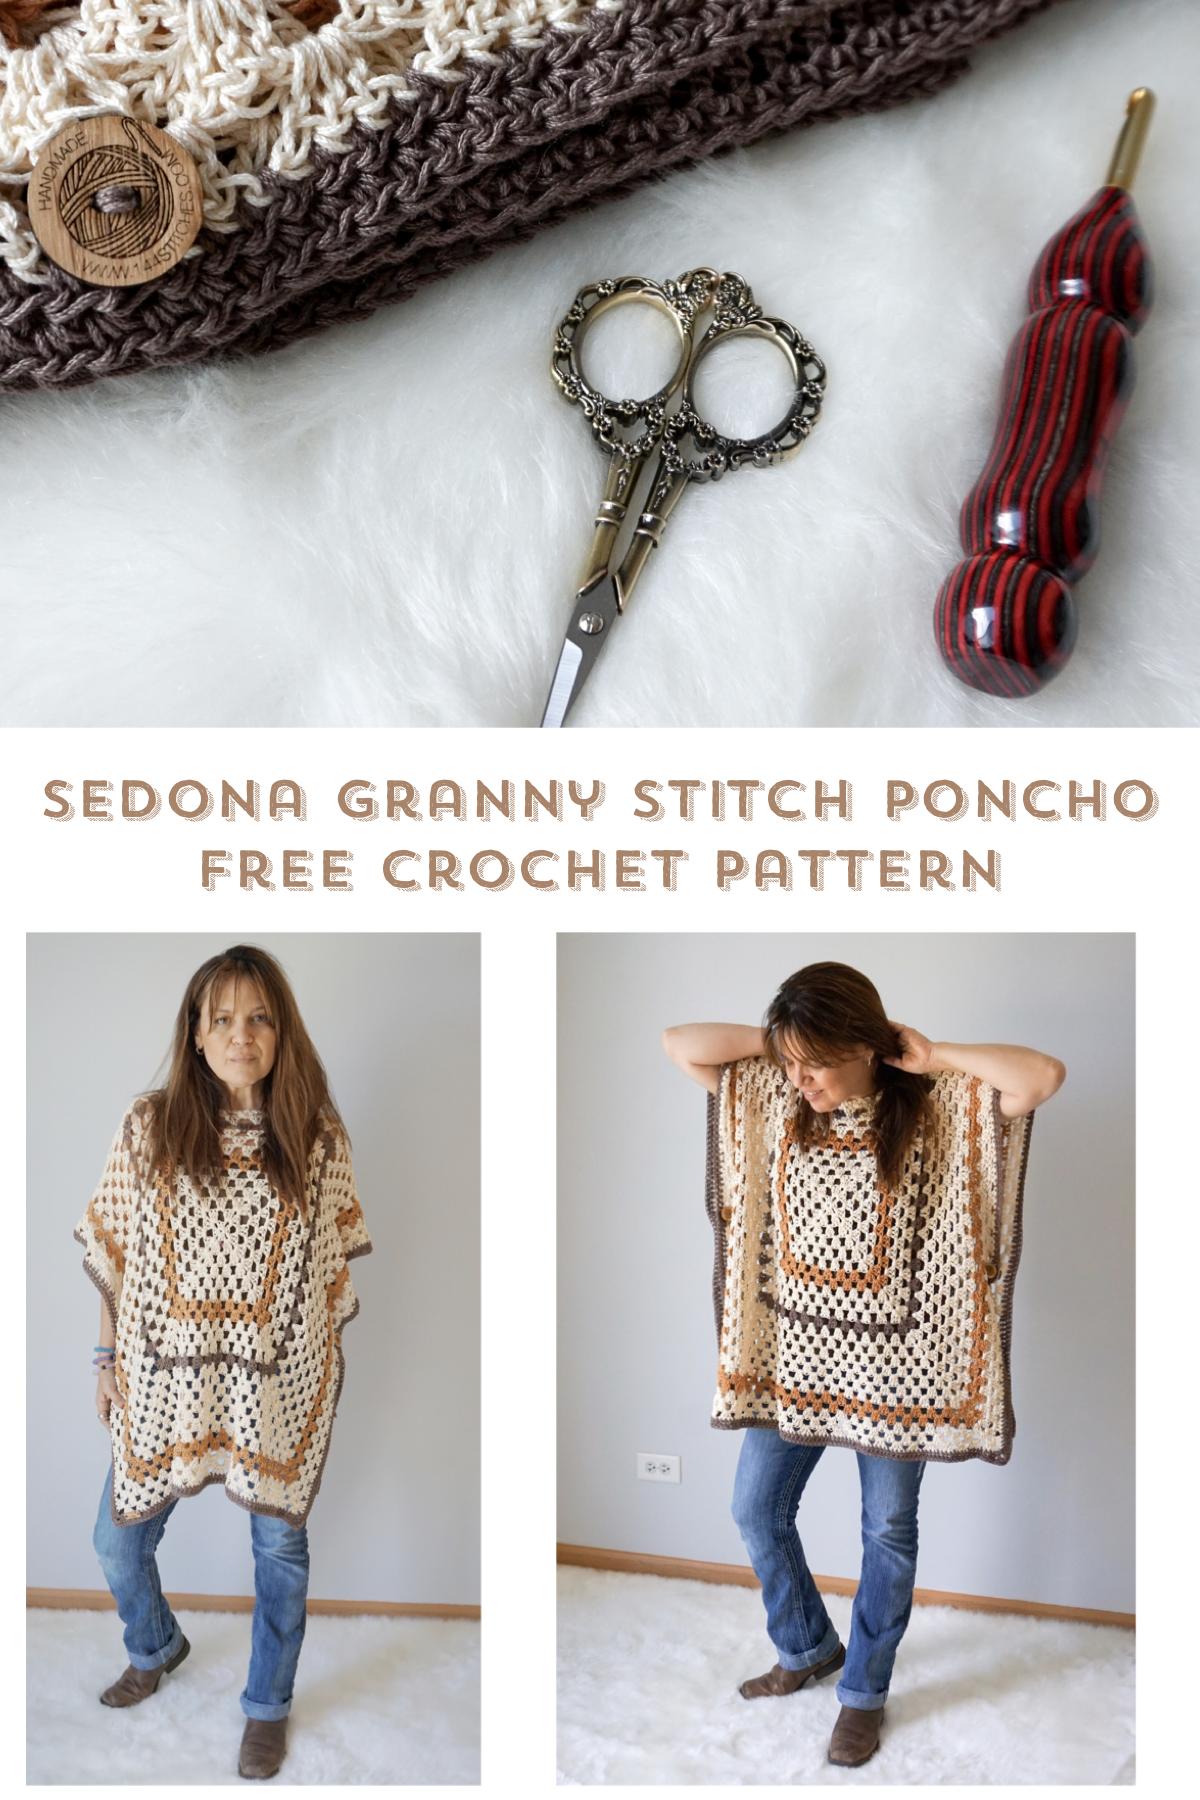 sedona-granny-stitch-crochet-free-poncho-pattern-12.jpeg